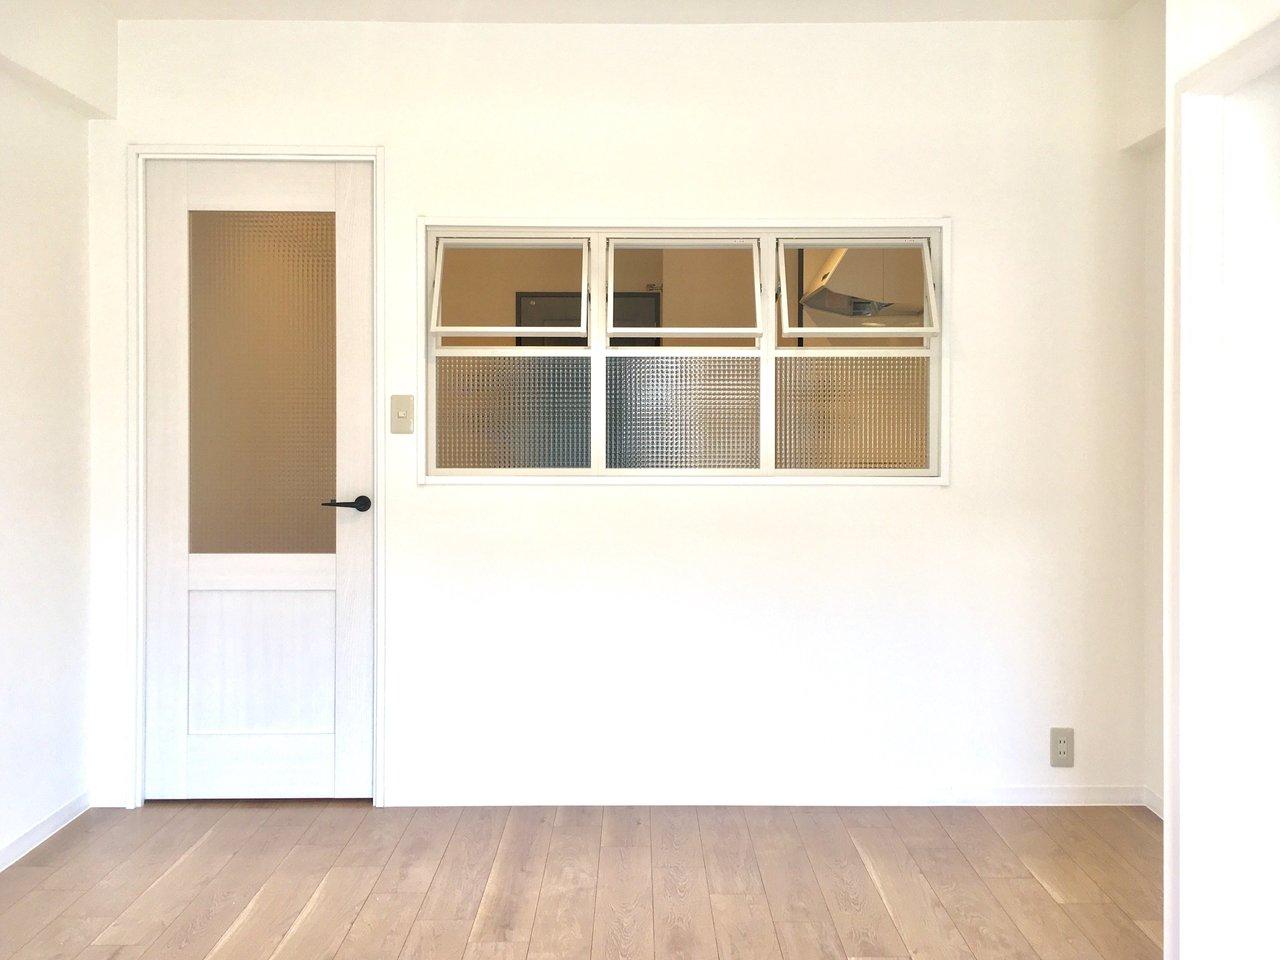 随所にかわいらしいデザインが施されている、1DKのお部屋。ダイニングとお部屋を分ける壁には小さな窓が3つありました。